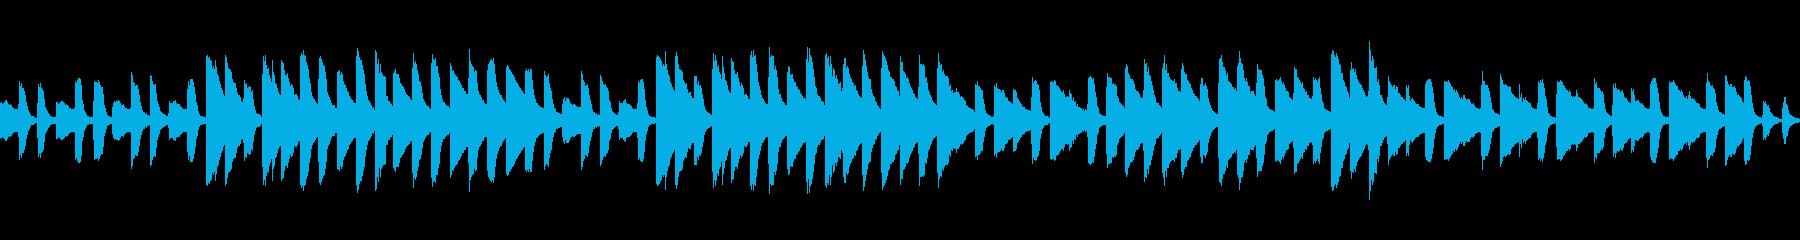 ピアノとオルゴールのワルツの再生済みの波形